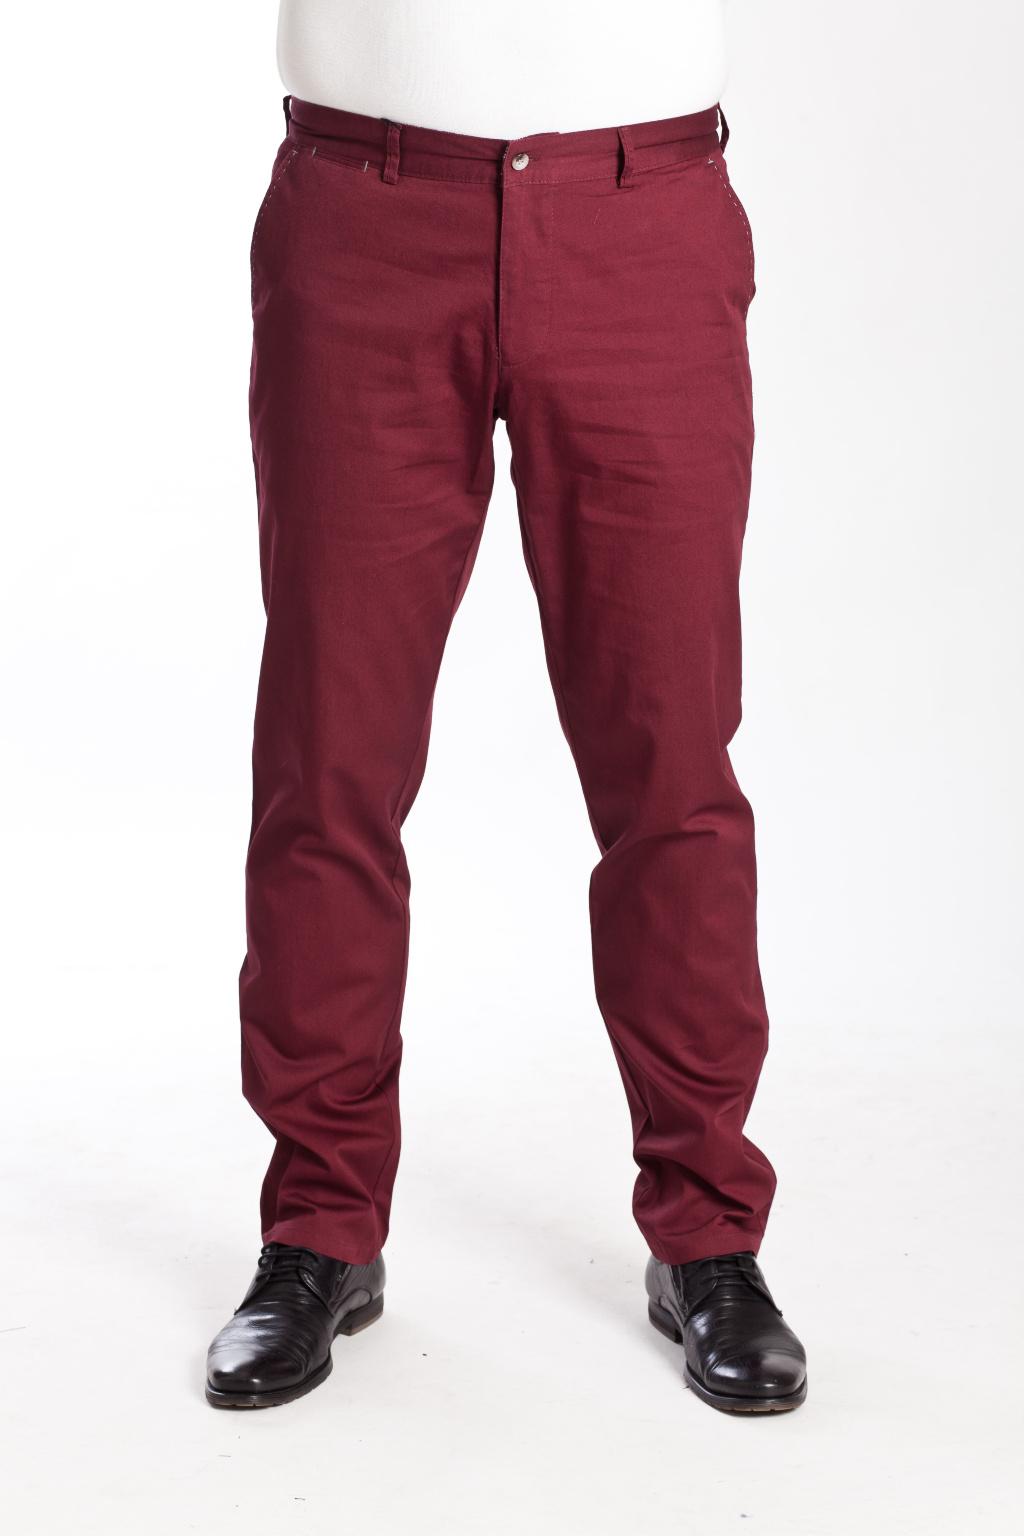 501081932a184 Мужские брюки в стиле Casual в интернет-магазине «Мир брюк» | Купить ...